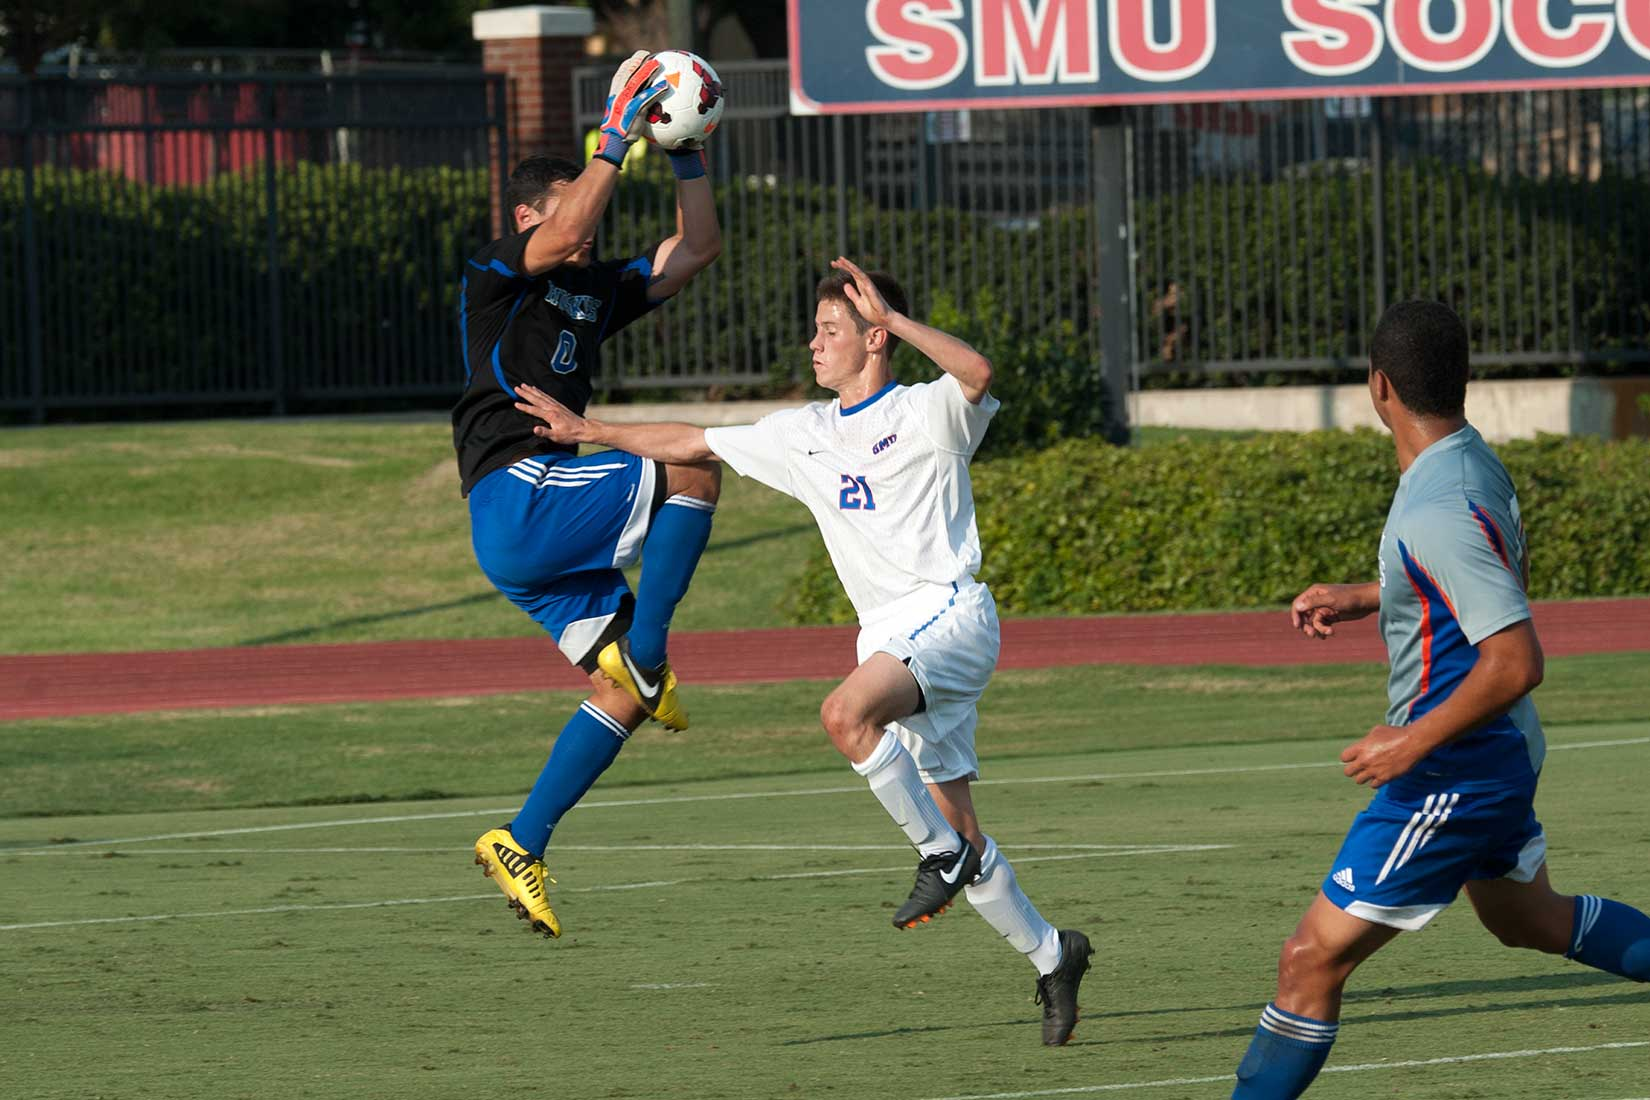 SMU Soccer vs. Houston Baptist University - Photos by Doug ... Soccer 24